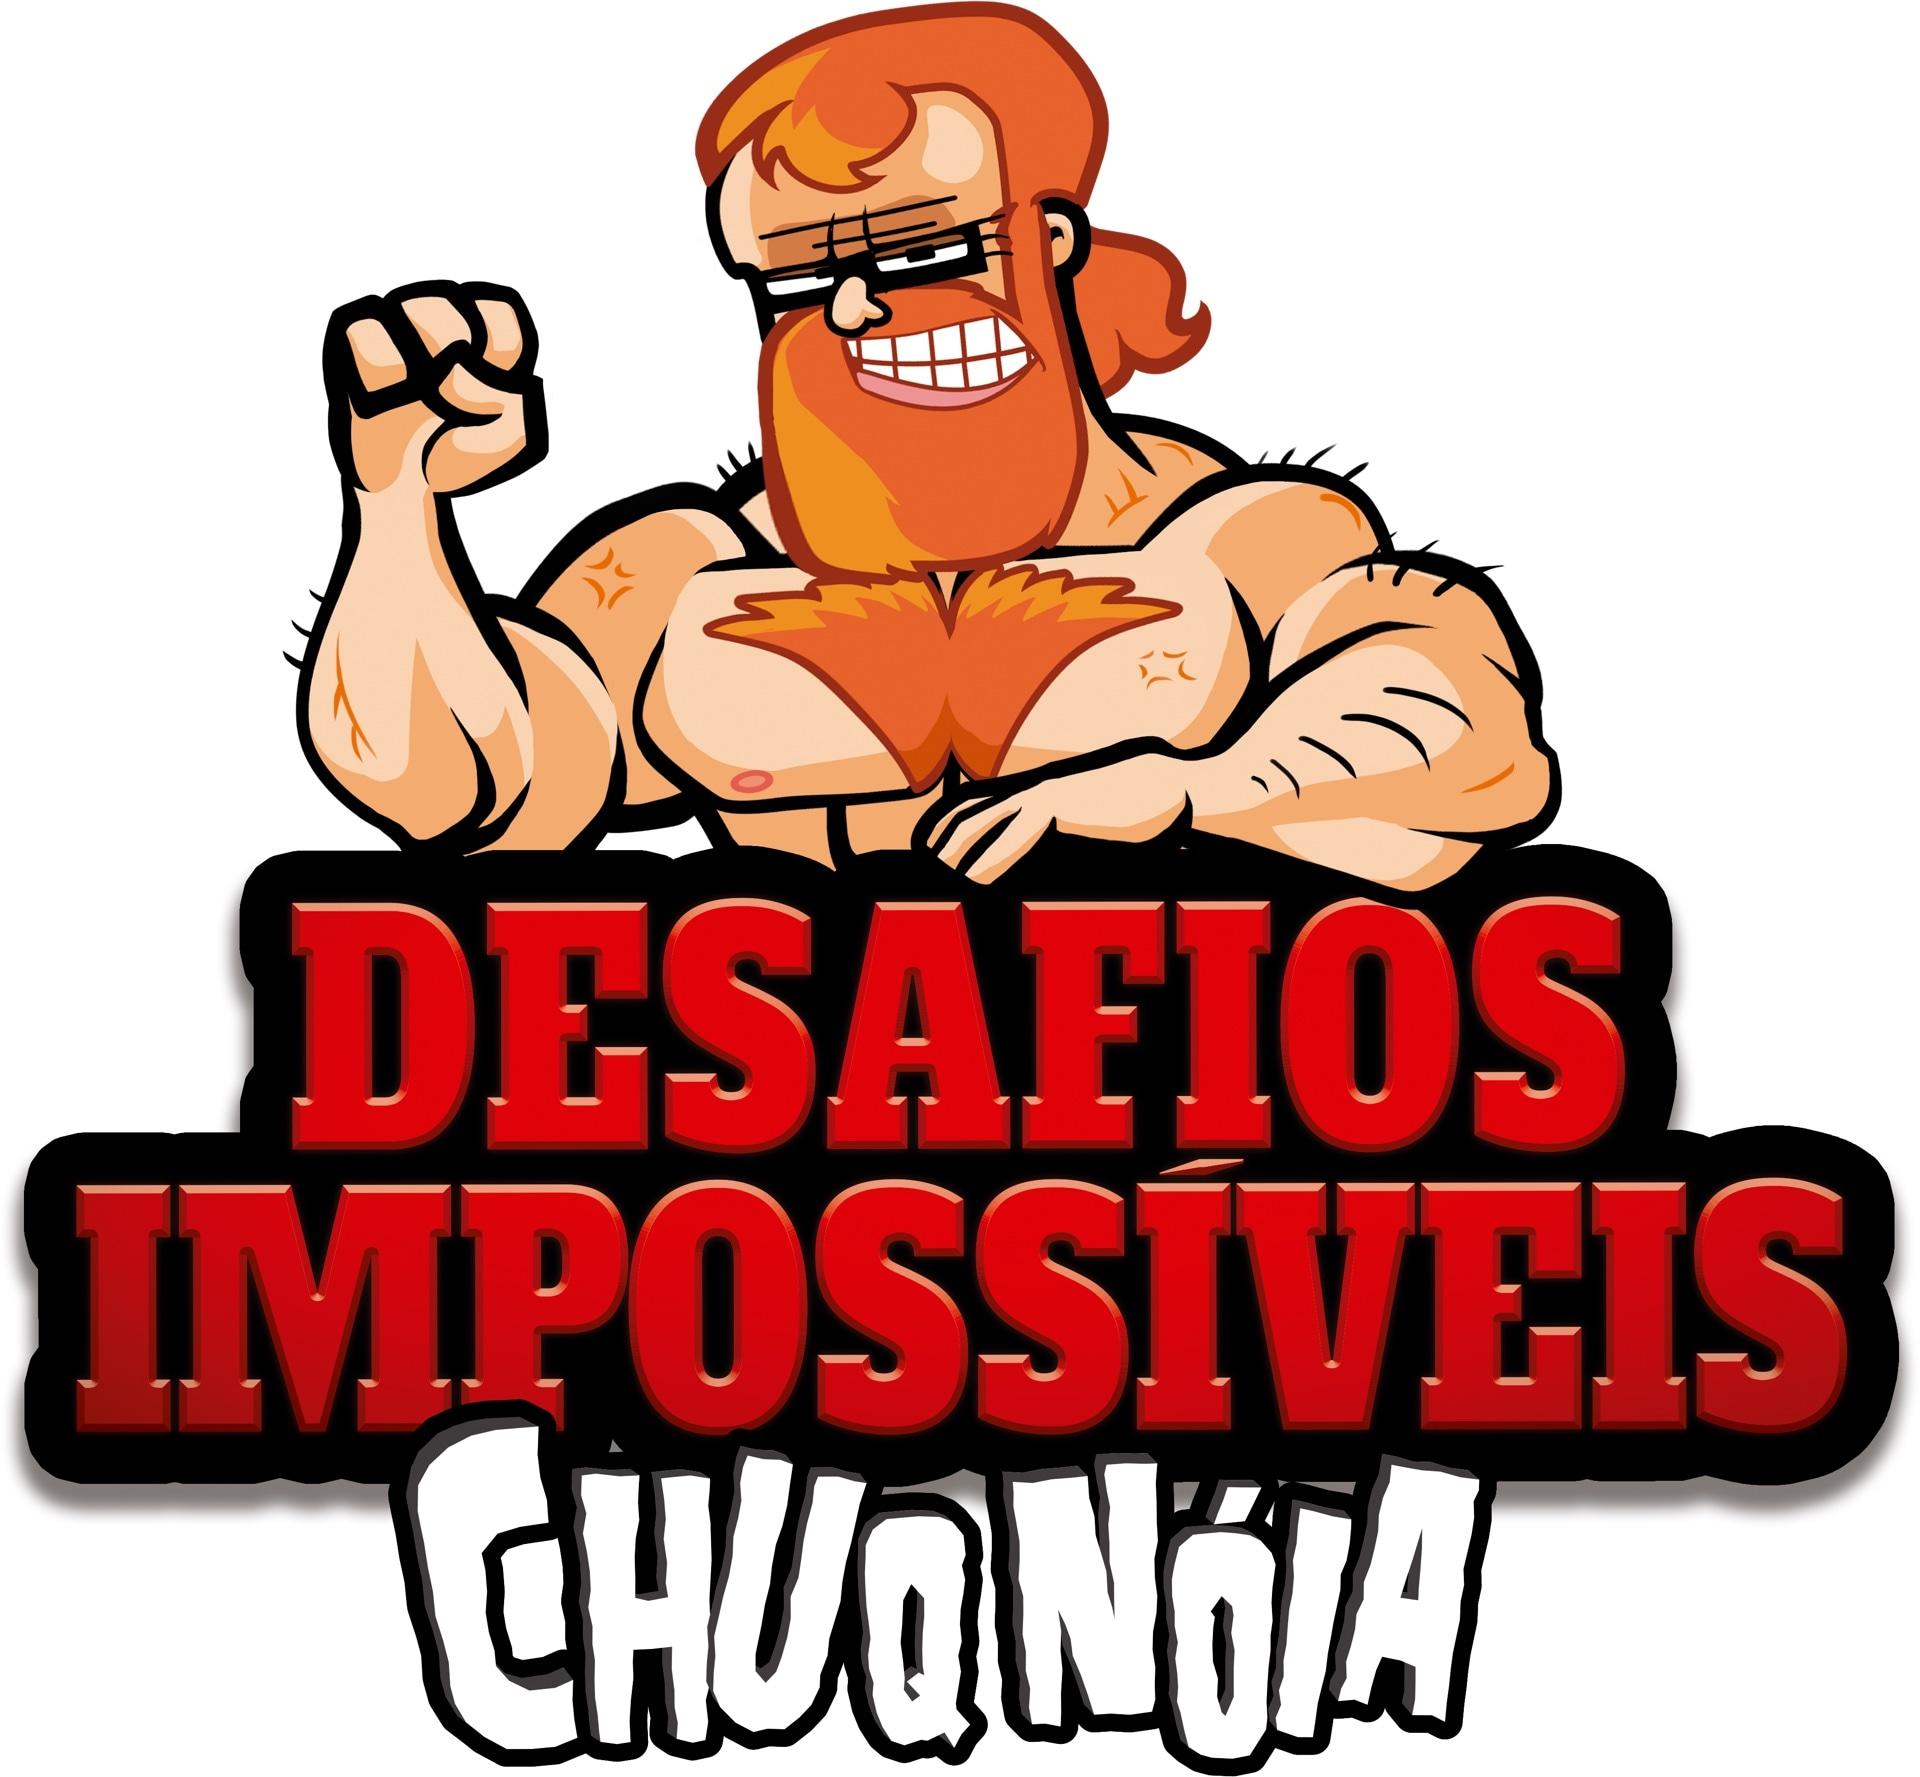 Logo do app Desafios Impossíveis Chuq Nóia para iOS